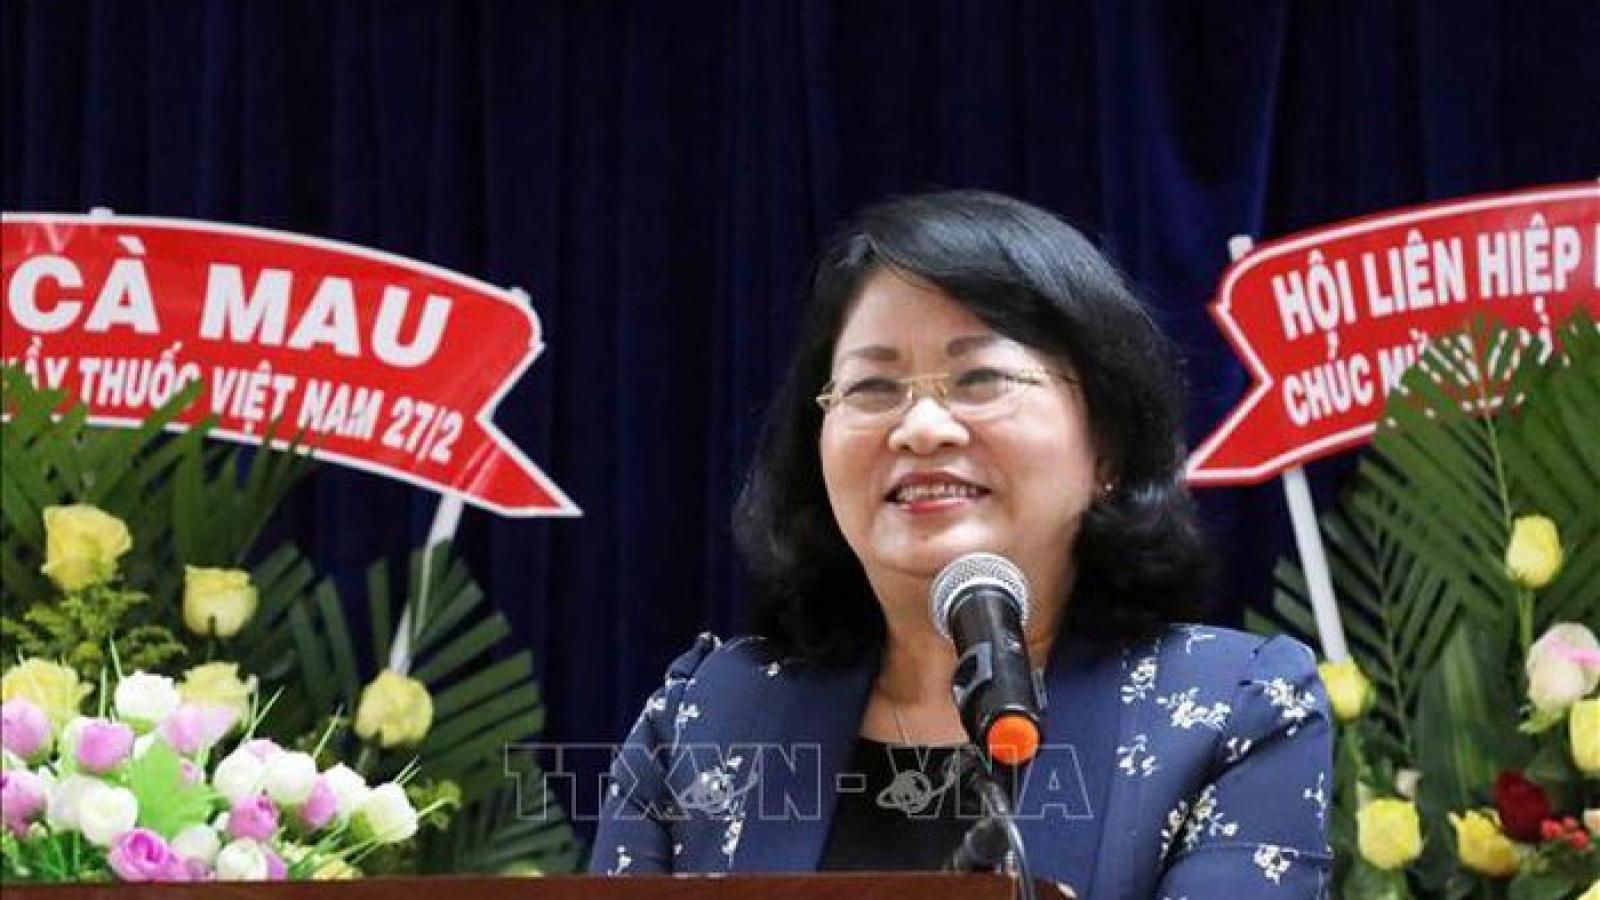 Phó Chủ tịch nước Đặng Thị Ngọc Thịnh kiểm tra công tác chuẩn bị bầu cử tại Cà Mau